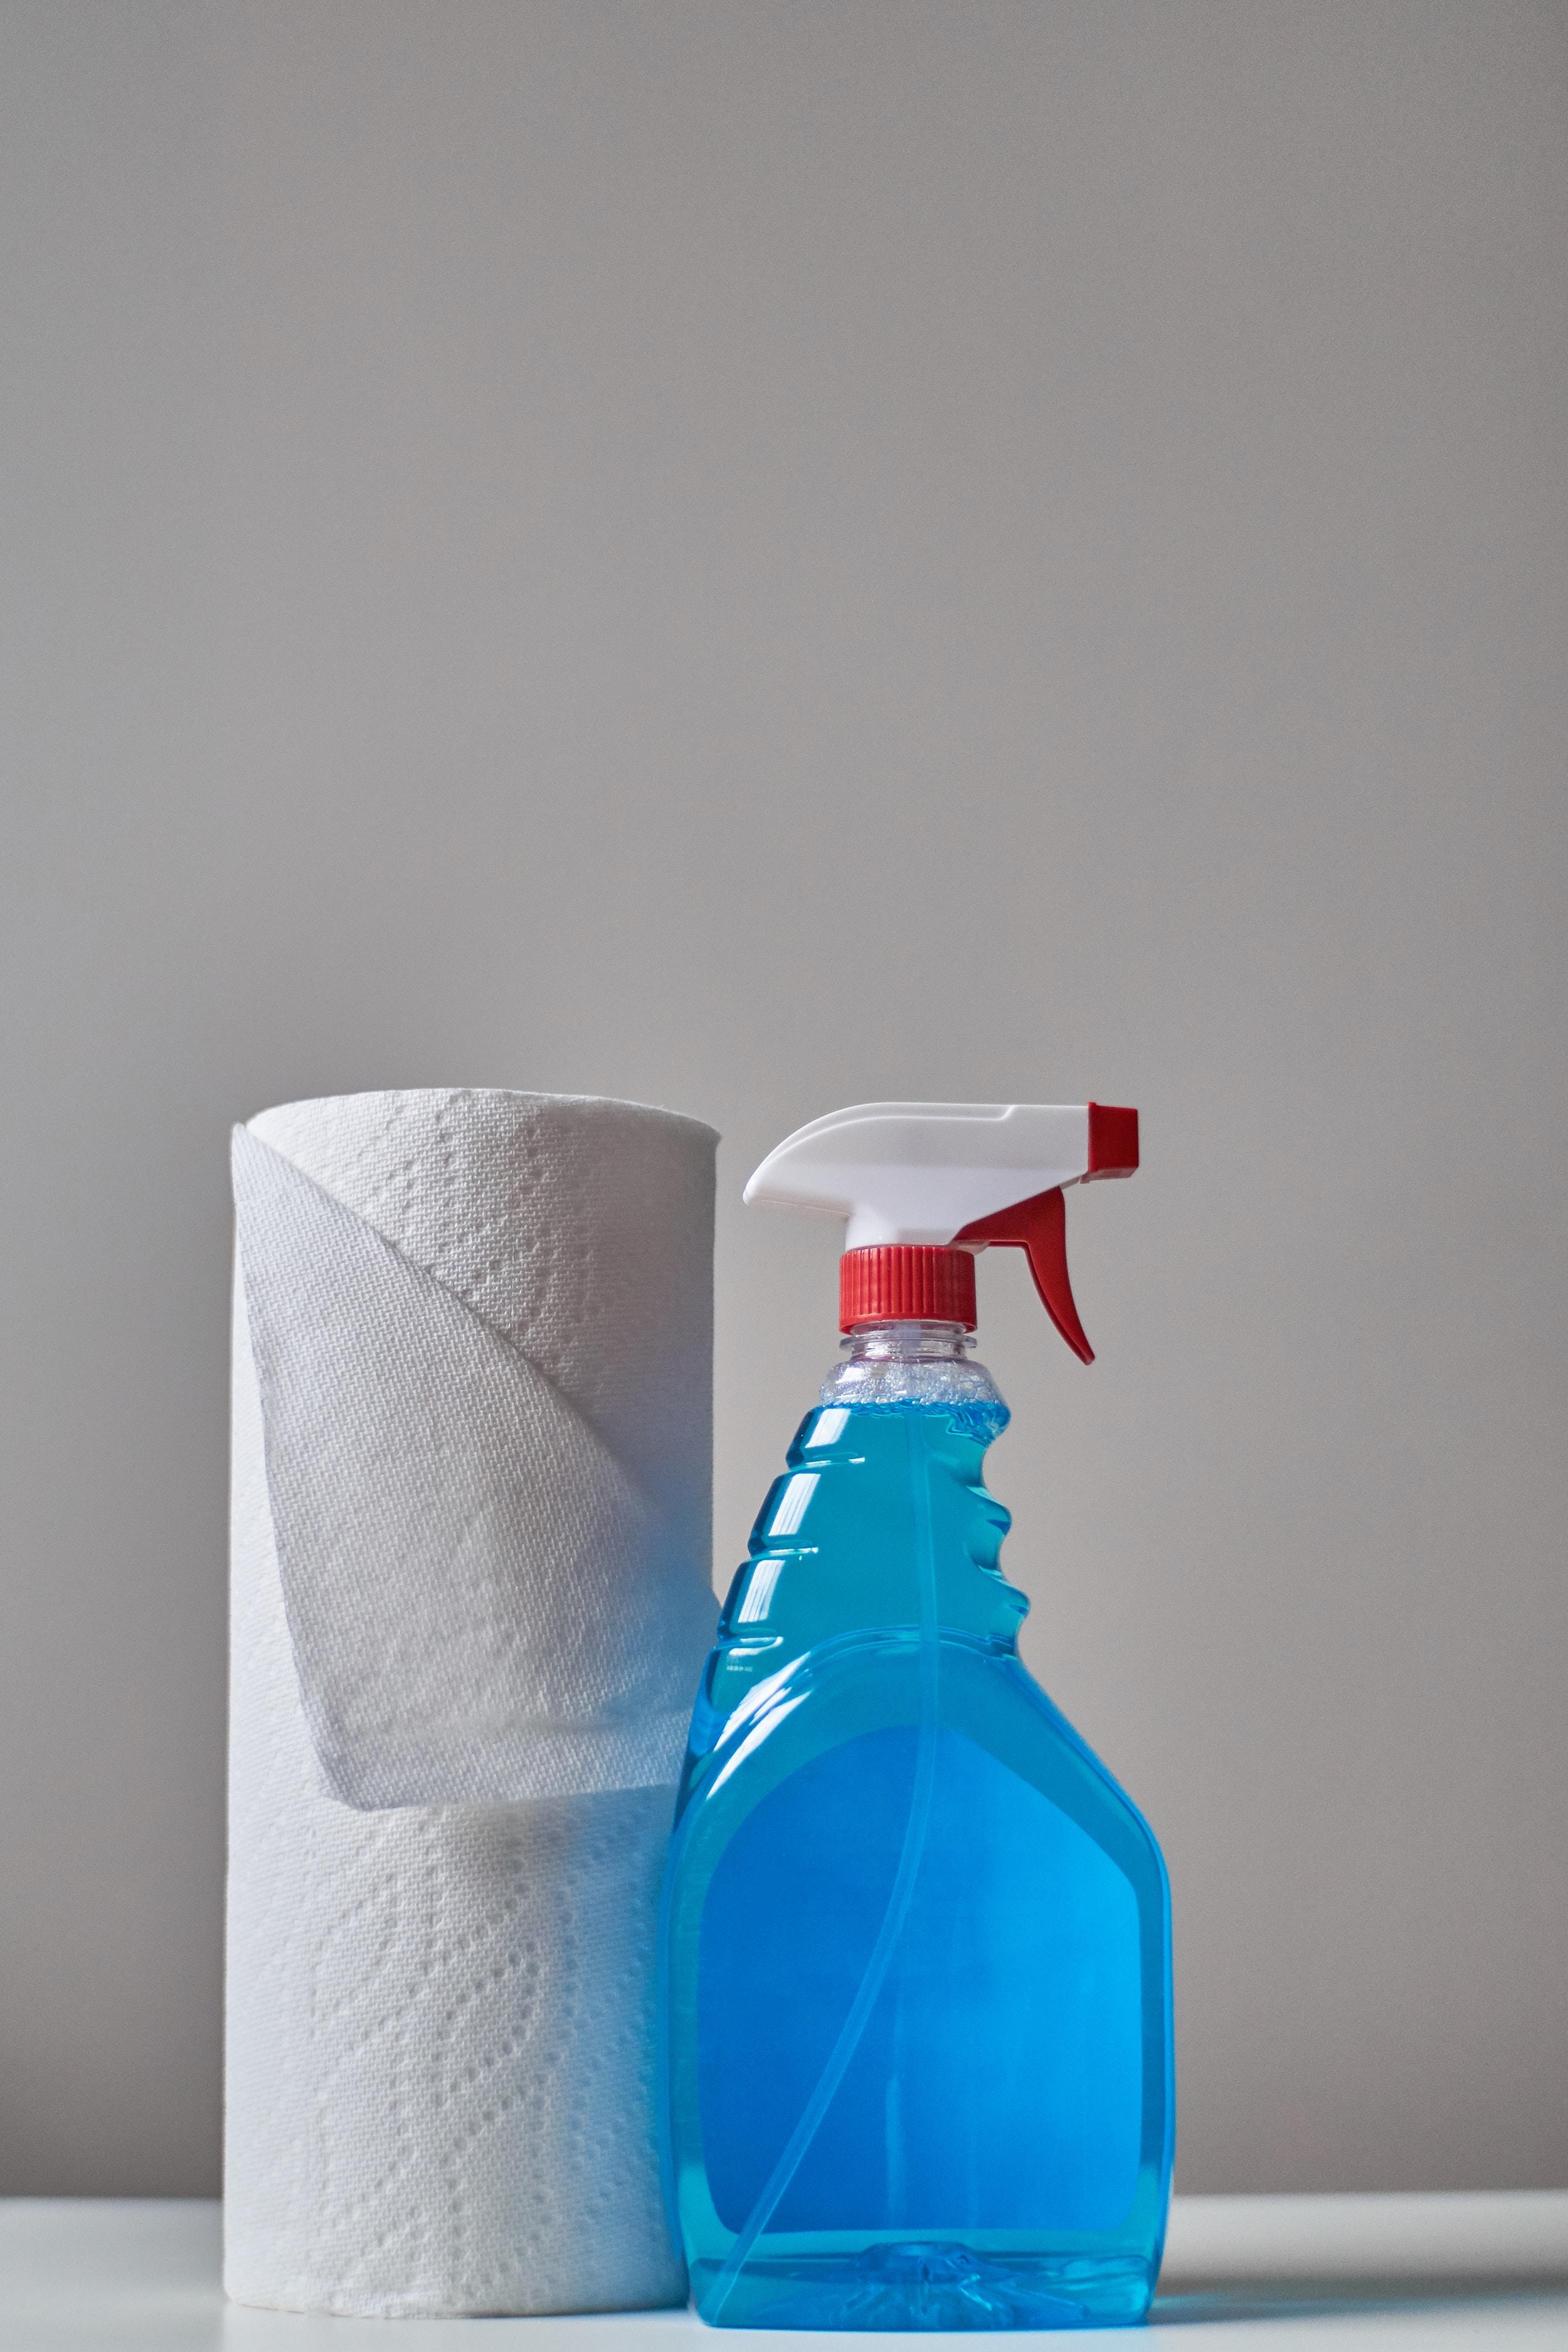 Herkömmliche Reinigungsmittel können giftig und umweltschädlich sein. -Fotocredits: Crystal de Passillé-Chabot/Unsplash